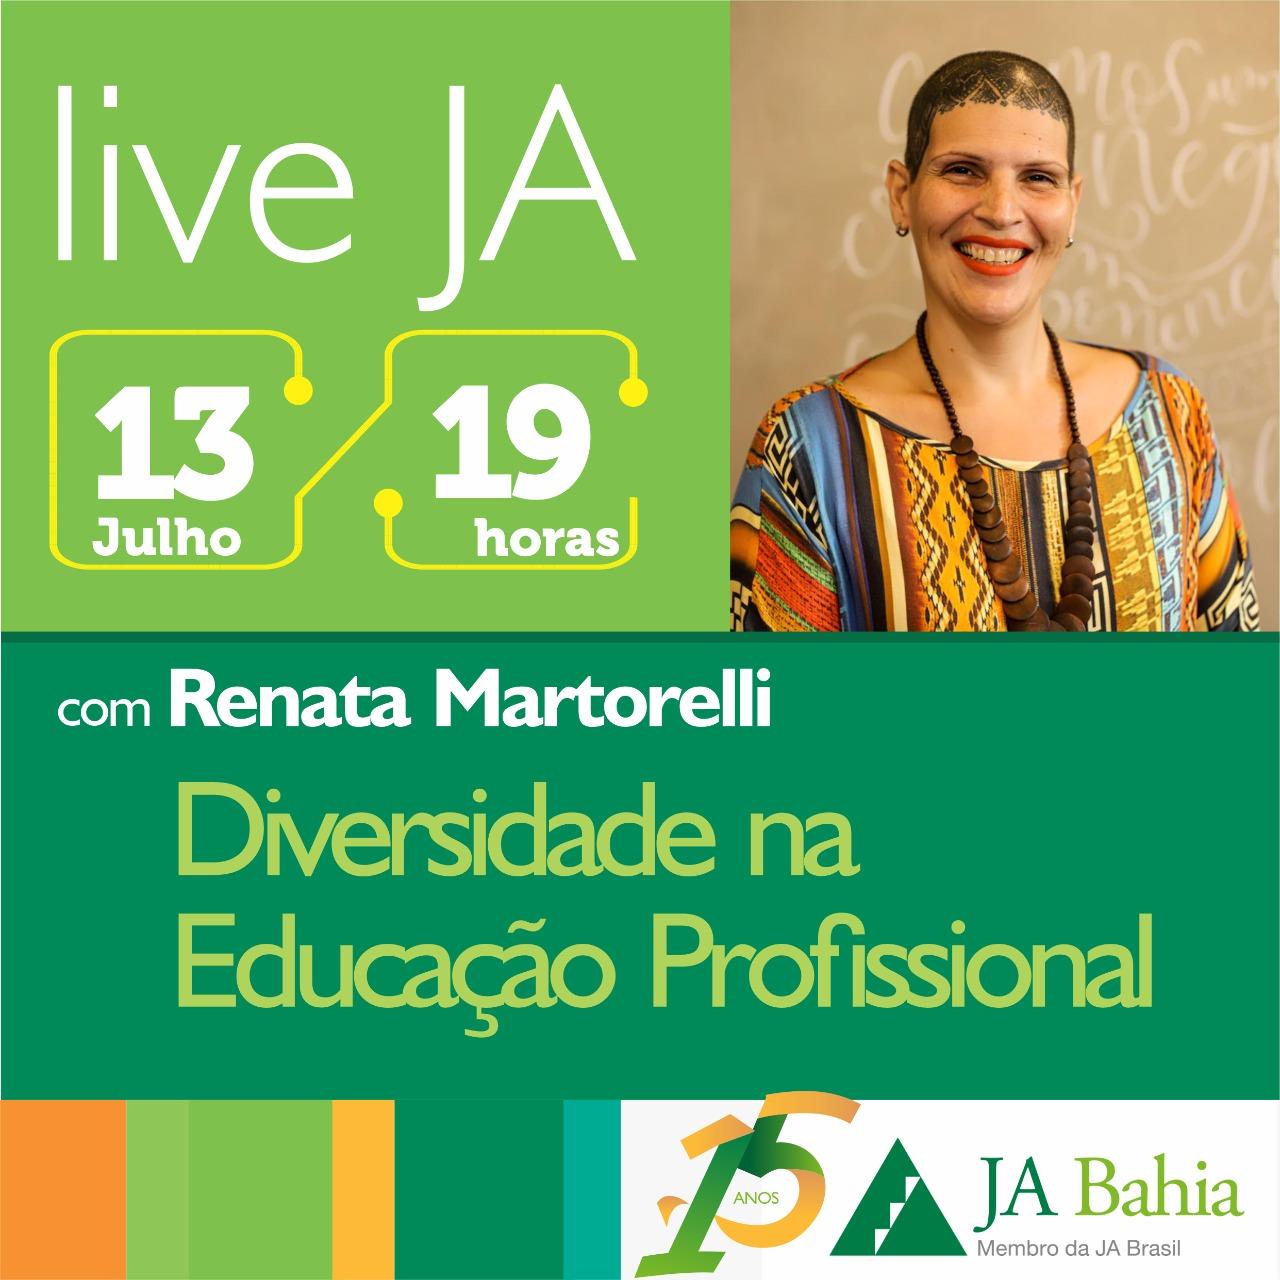 #LIVEJA com Renata Martorelli